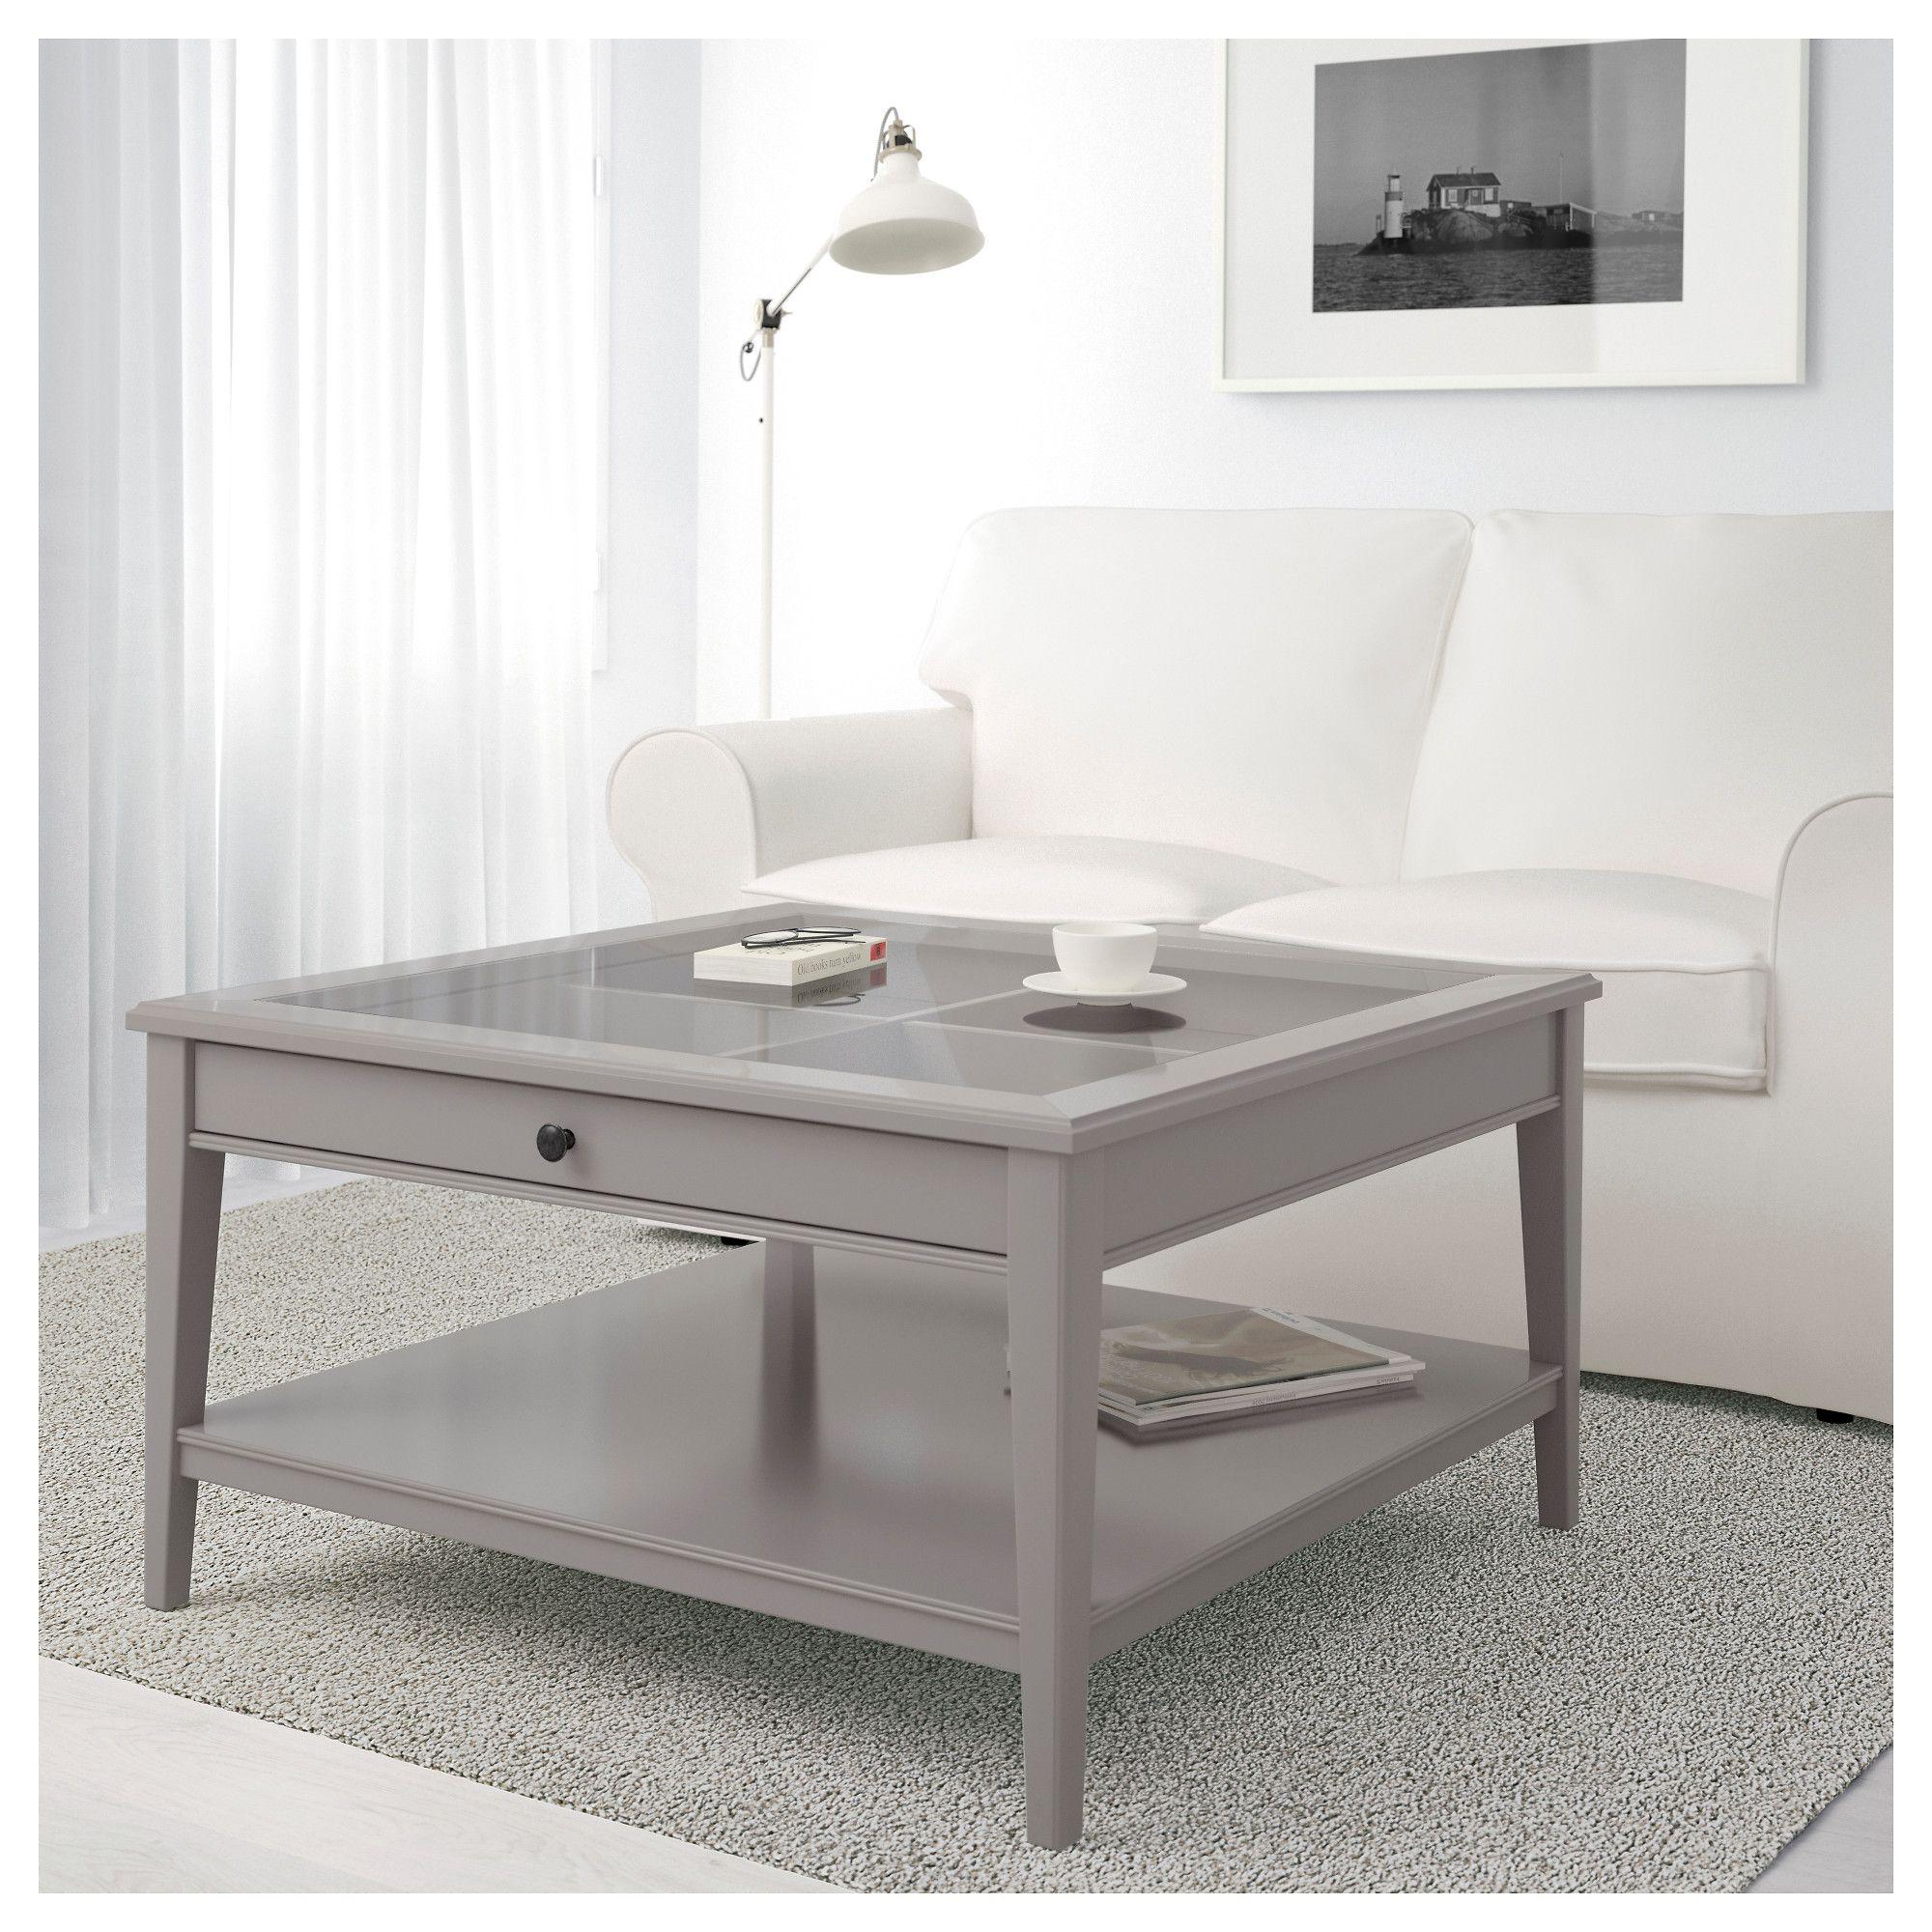 Liatorp Coffee Table Grey Glass Ikea Ikea Coffee Table Coffee